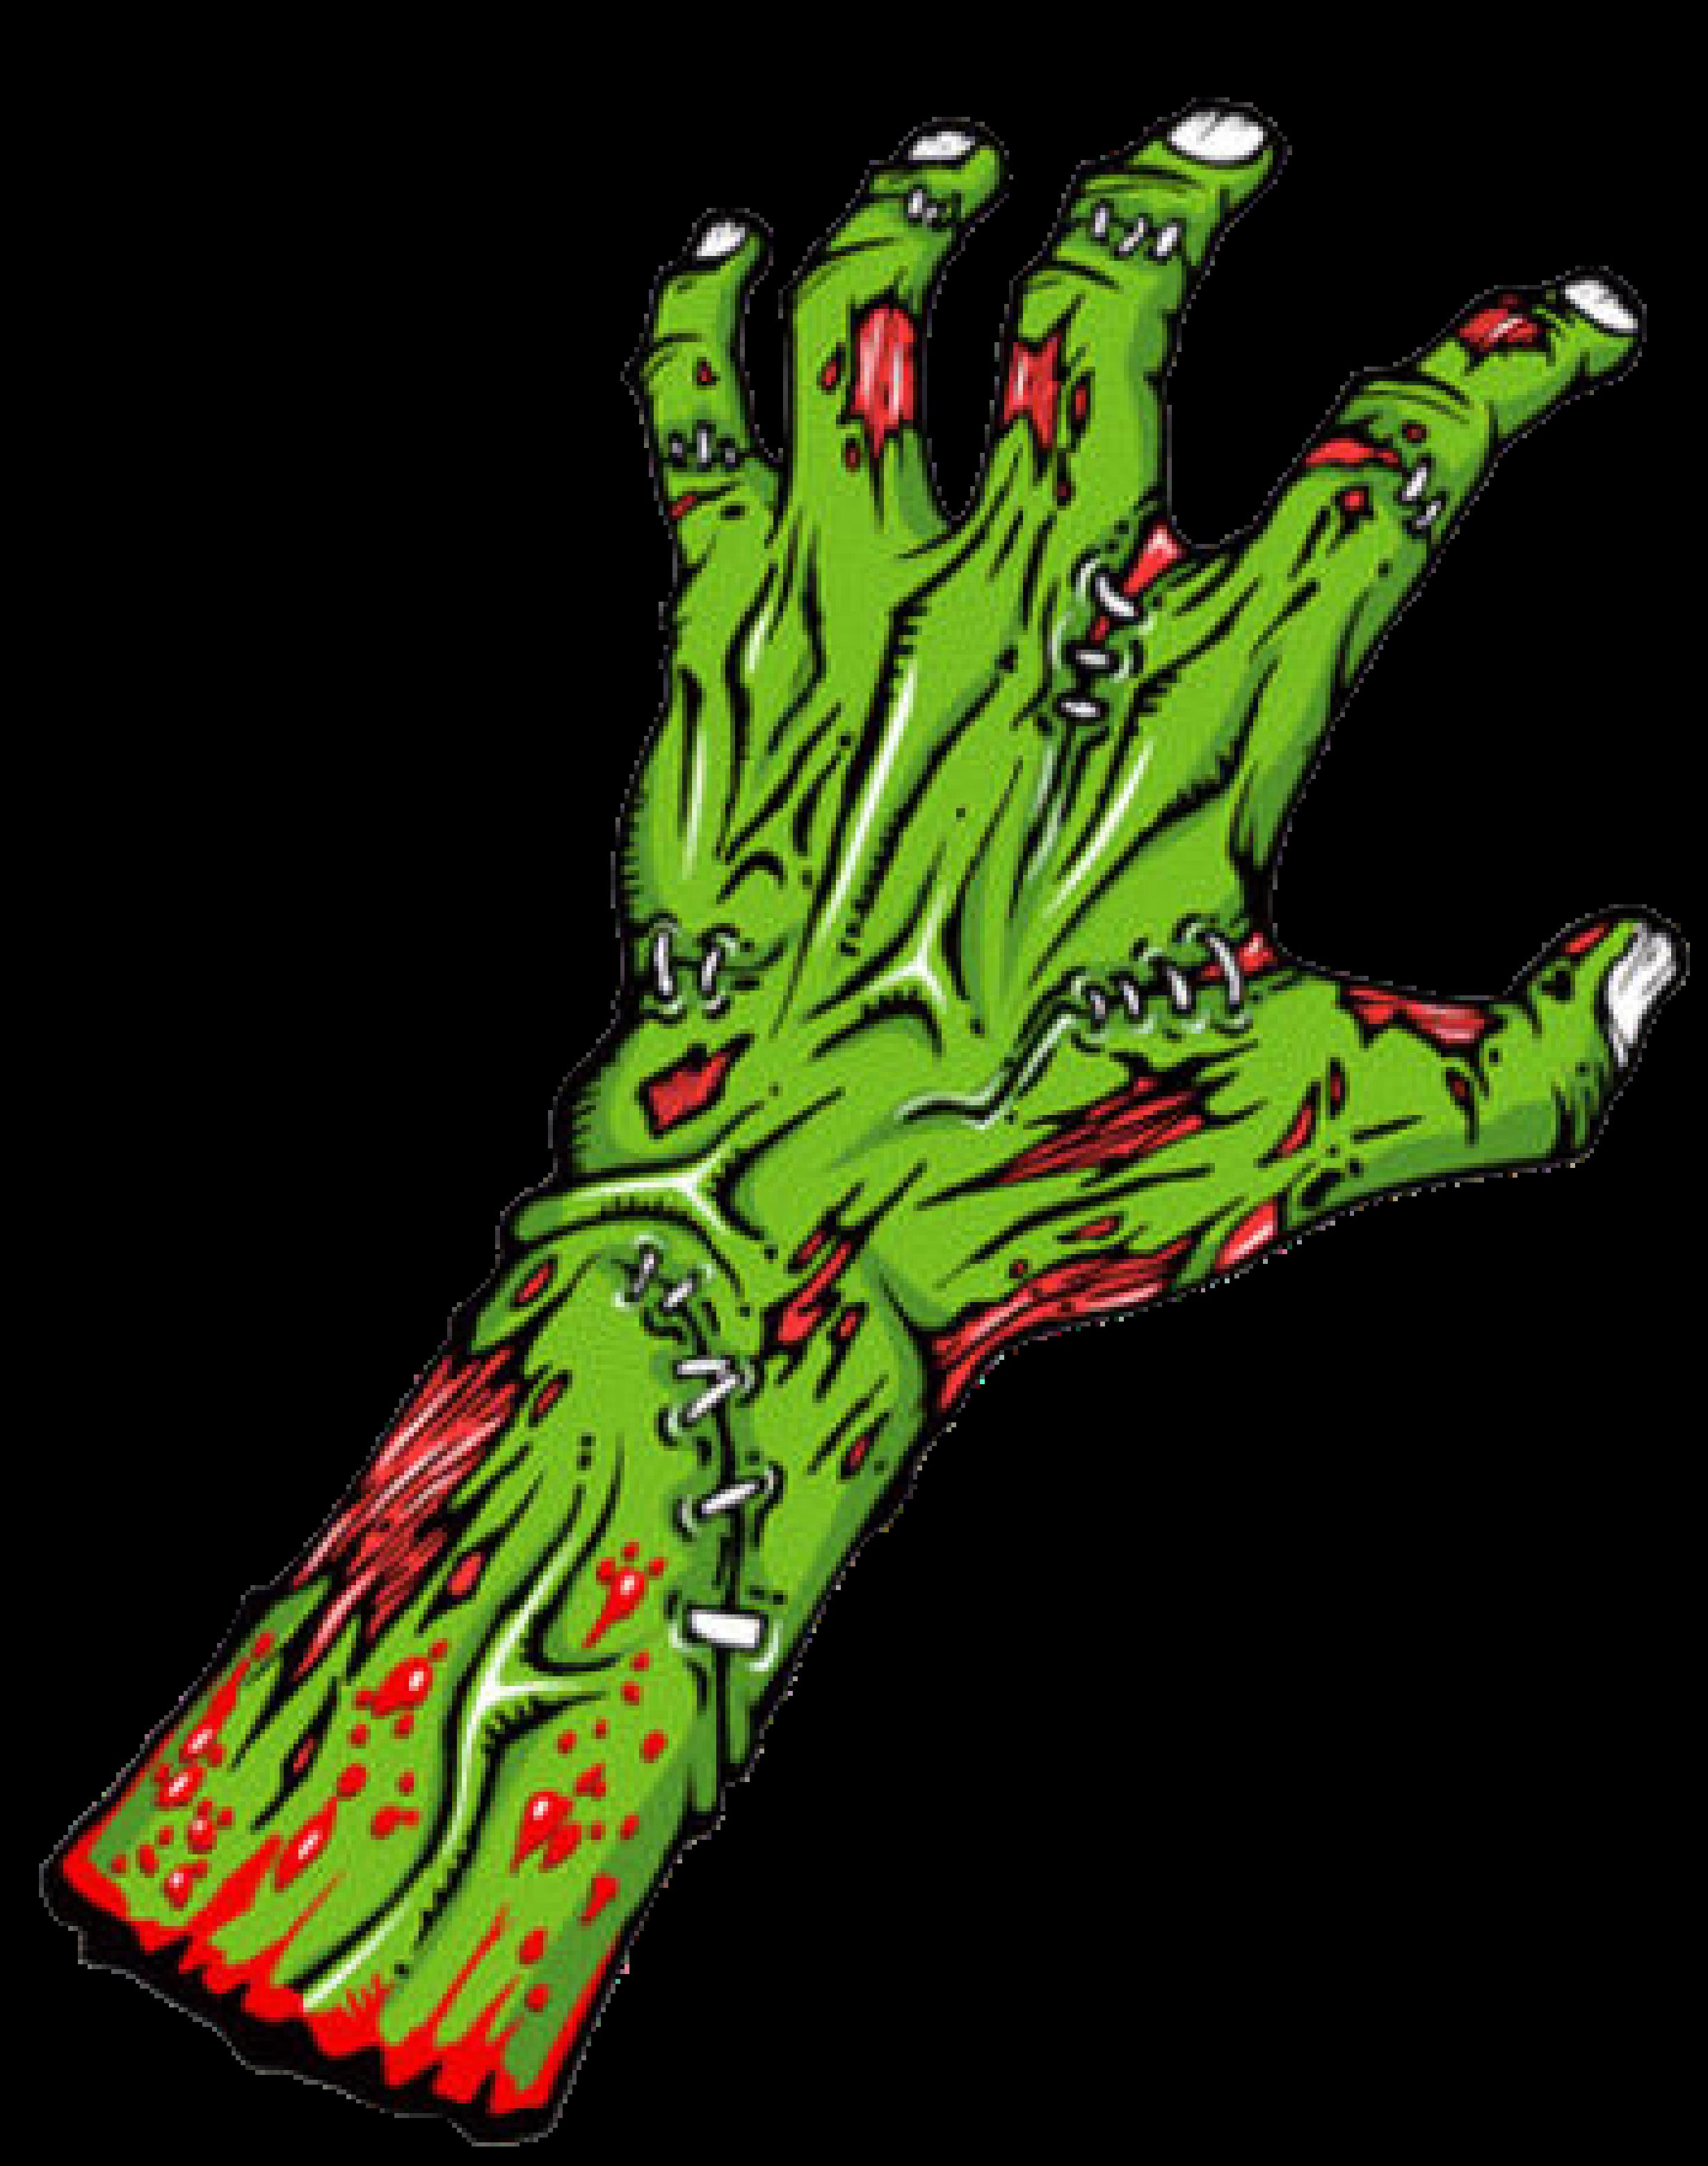 Zombie clipart transparent #10